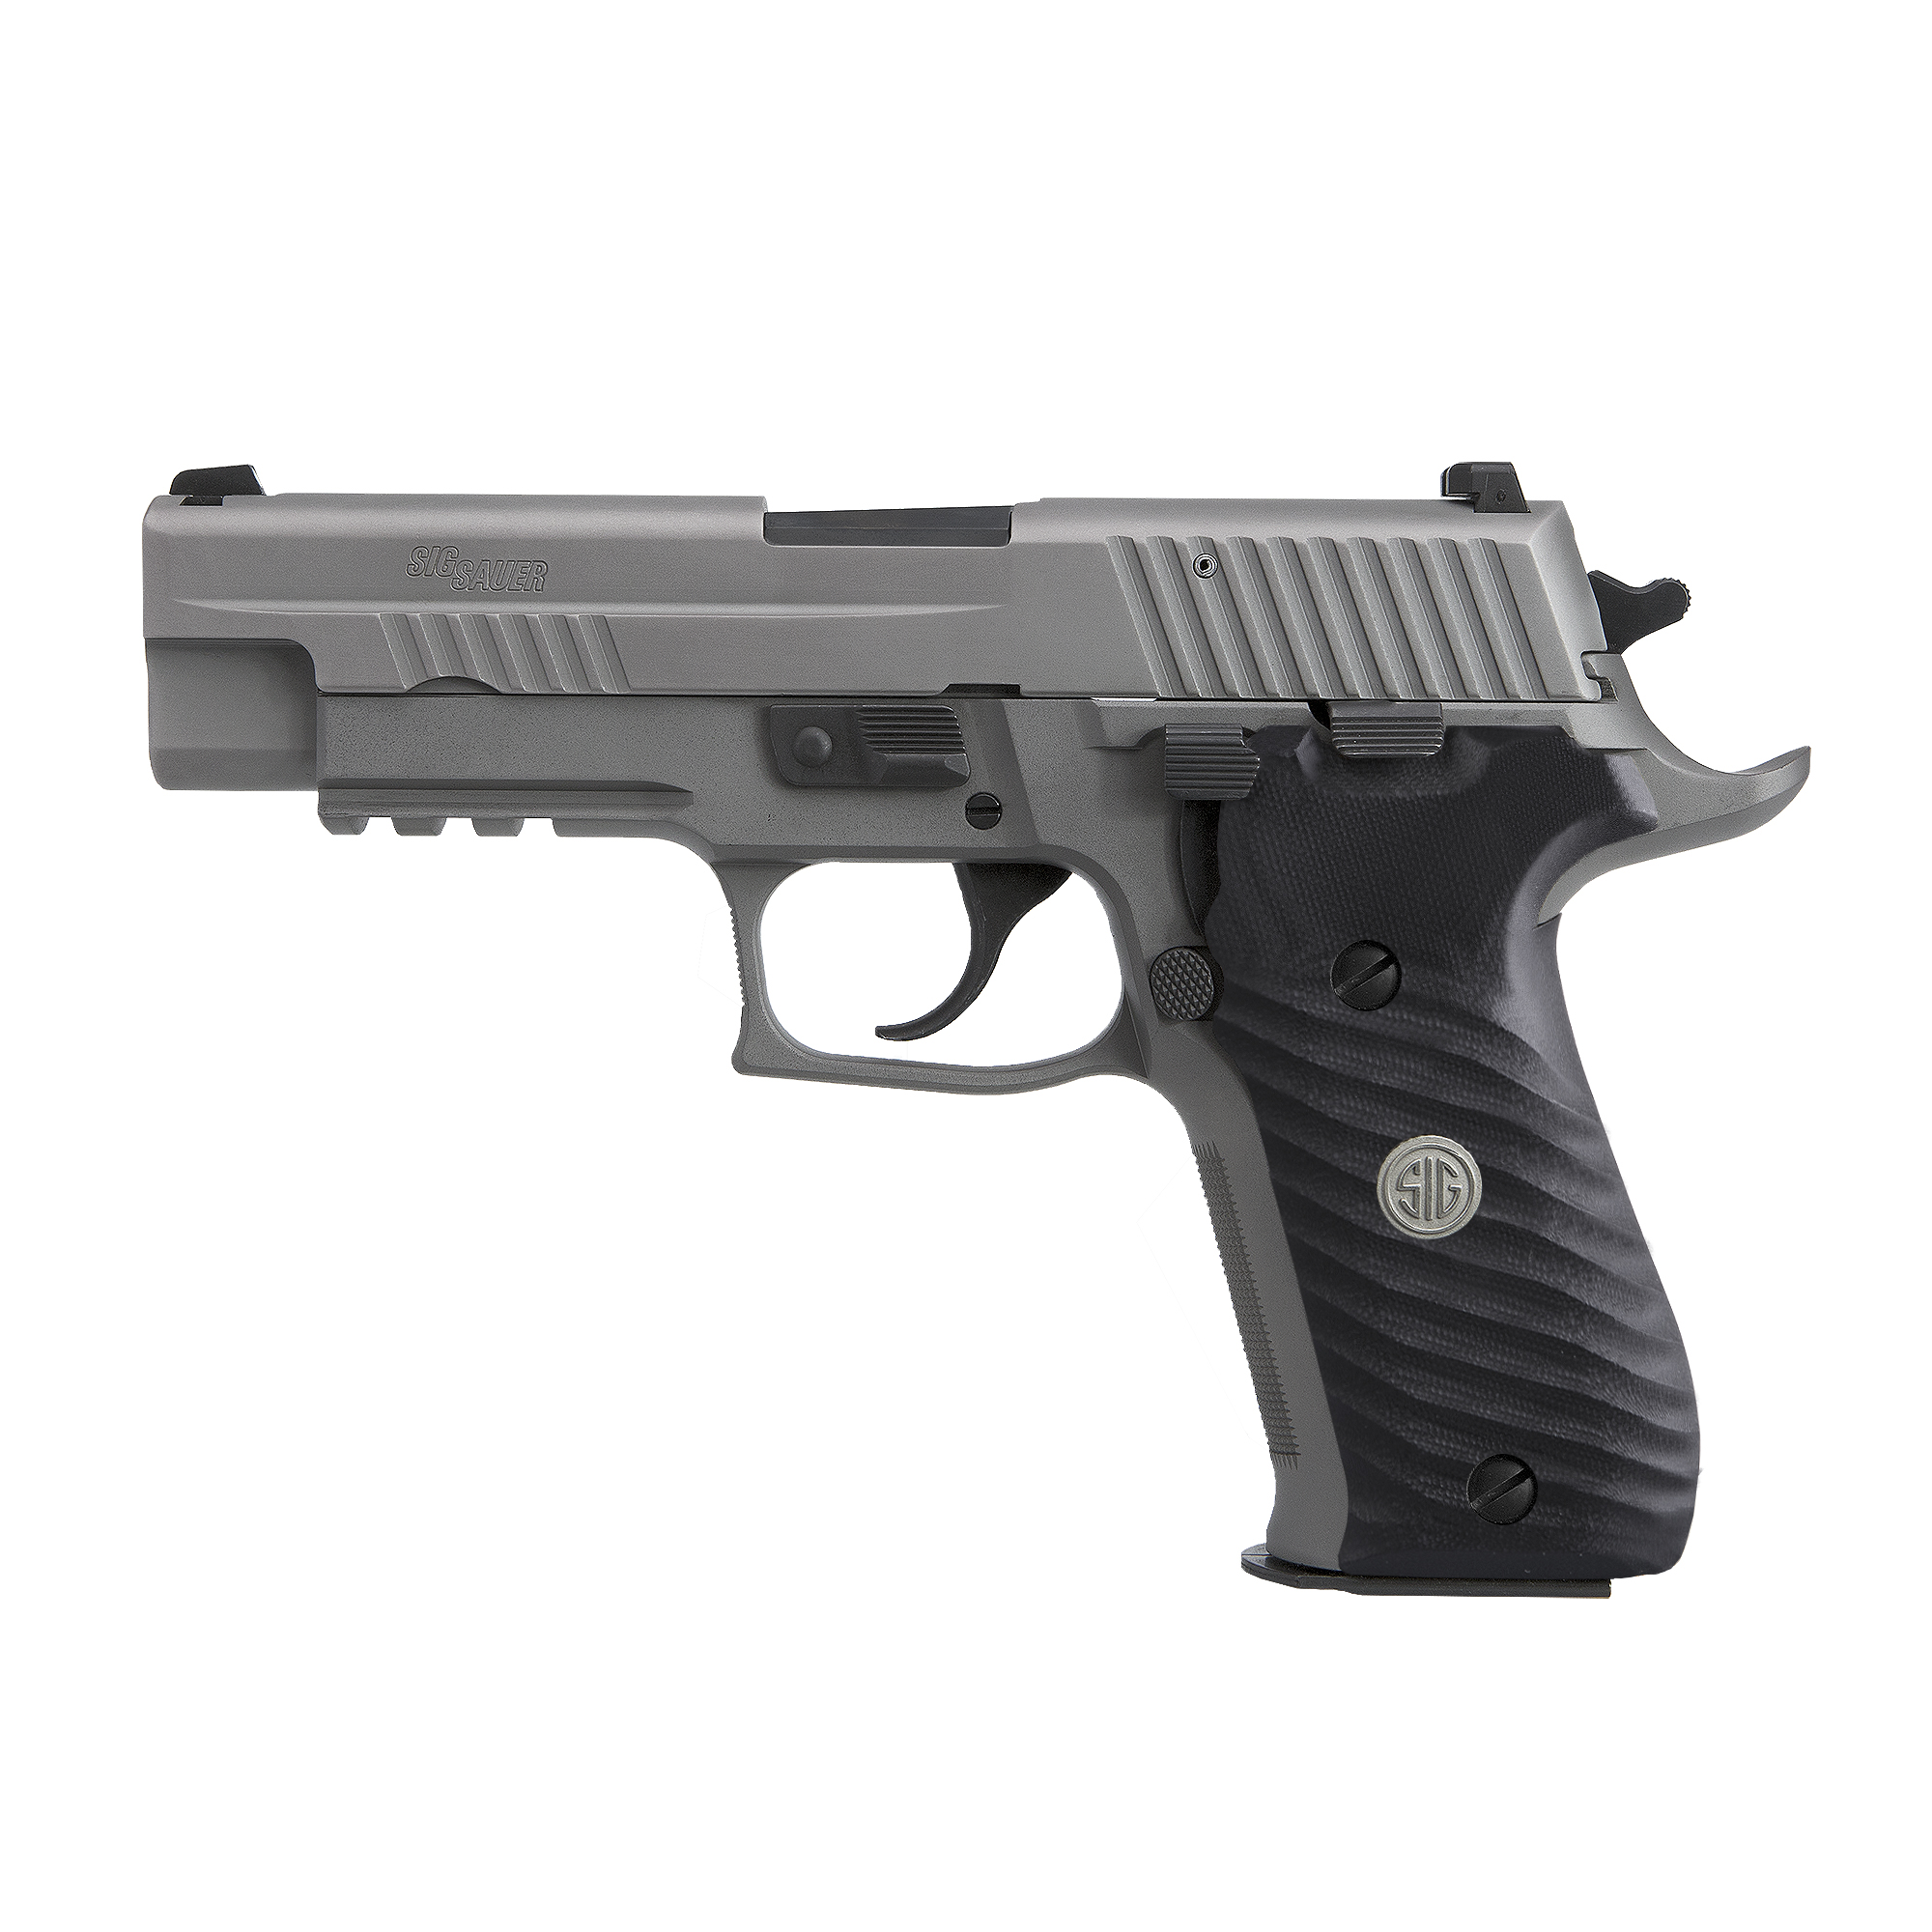 SIG Sauer P226 Alloy Stainless Elite Handgun